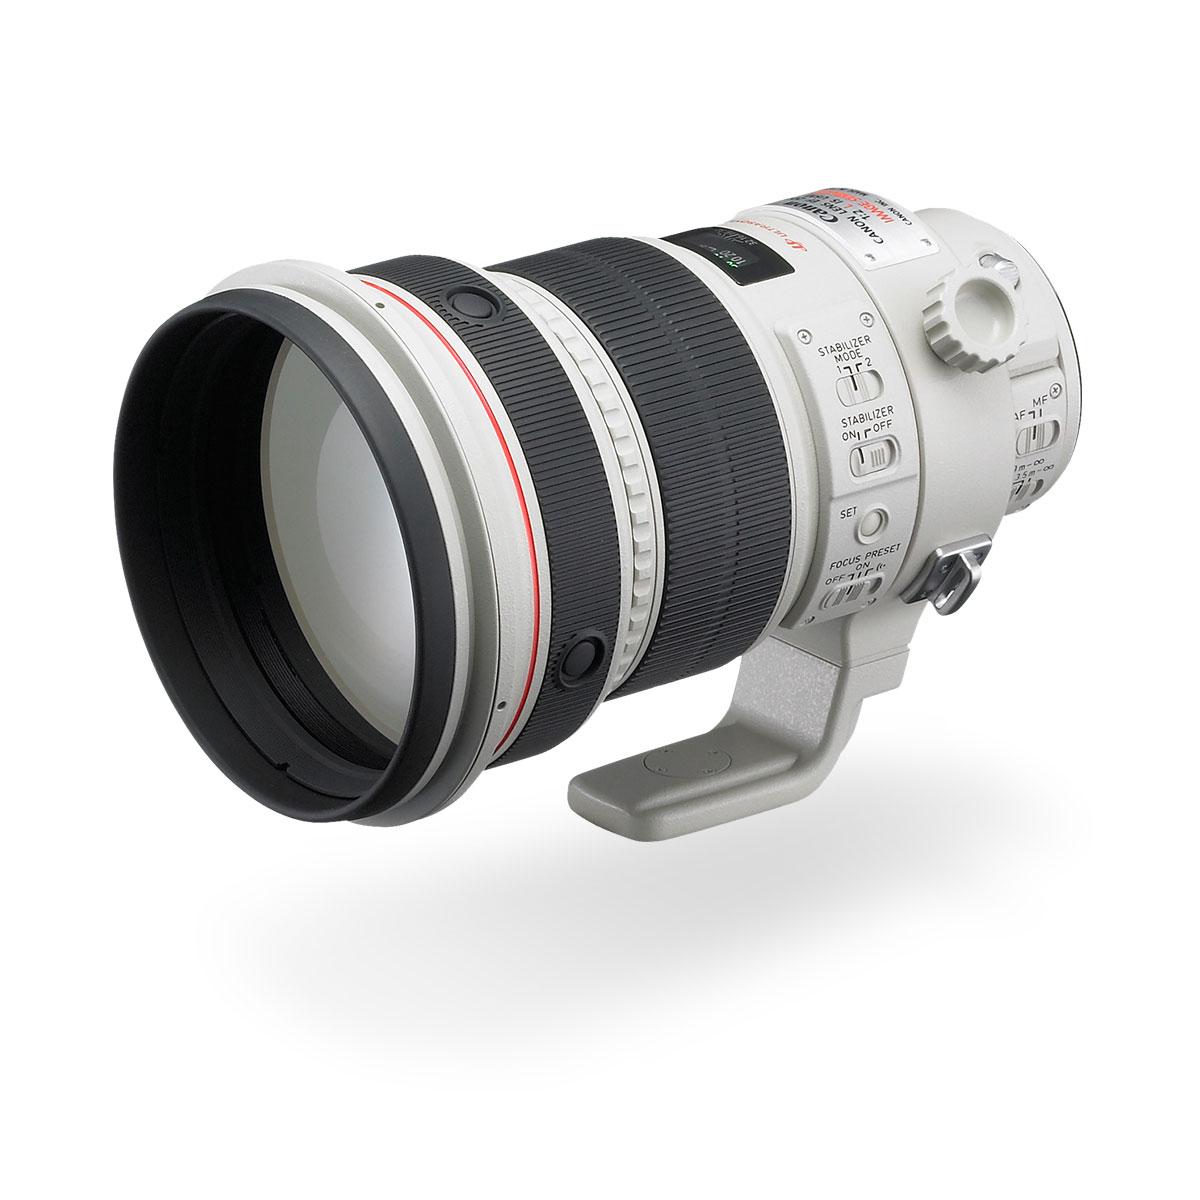 EF 200mm f/2L IS USM lens